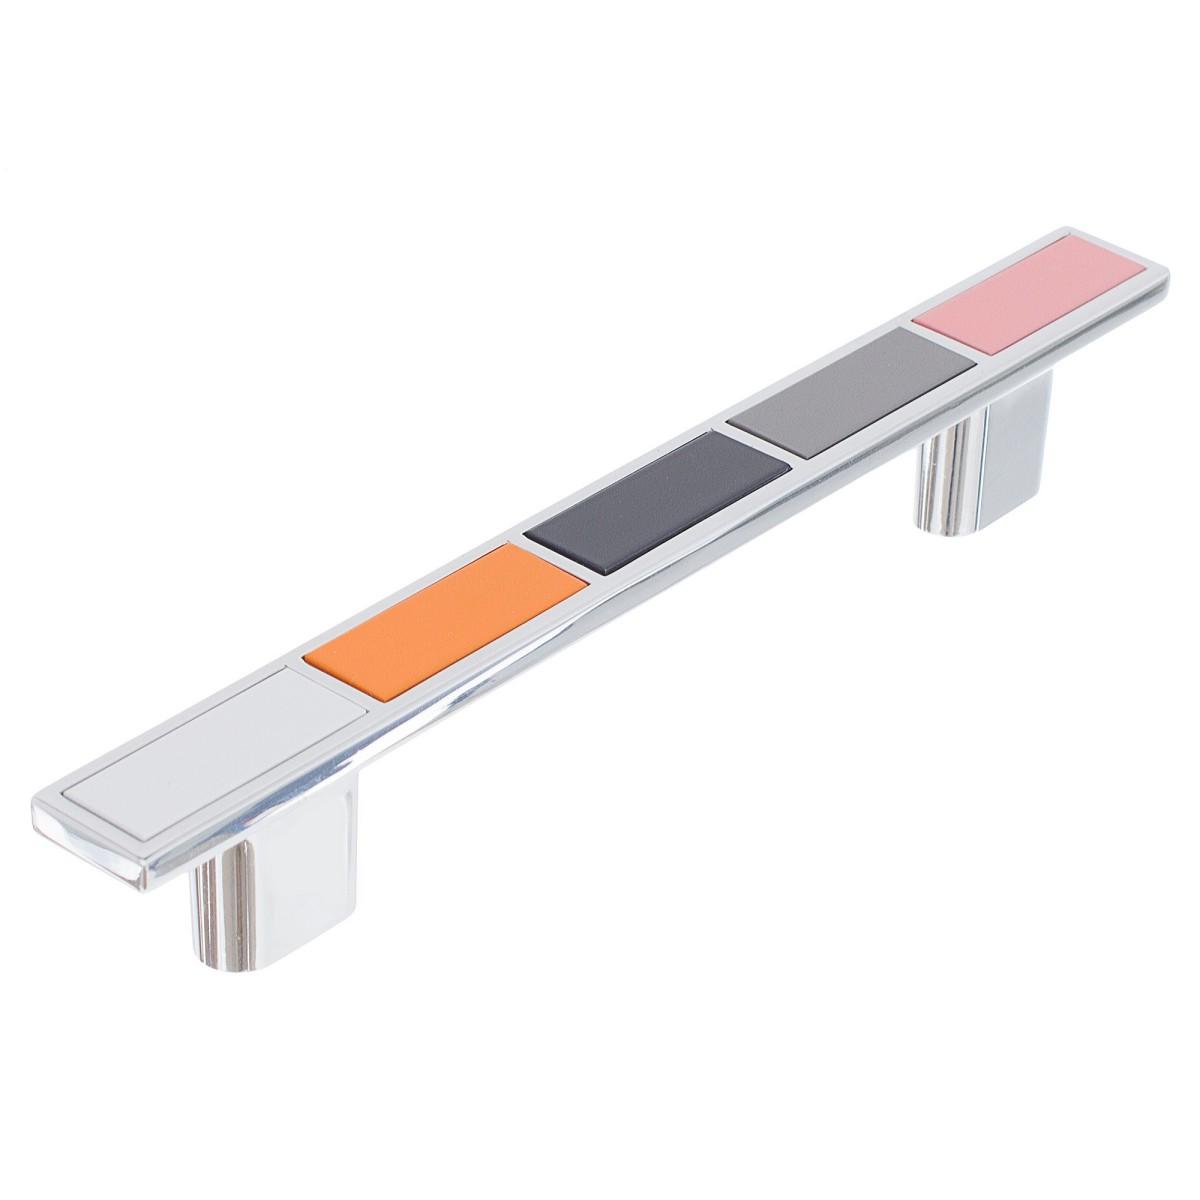 Ручка-Скоба Boyard Rs282cp/Mc54 128 Металл Цвет Глянцевый Хром